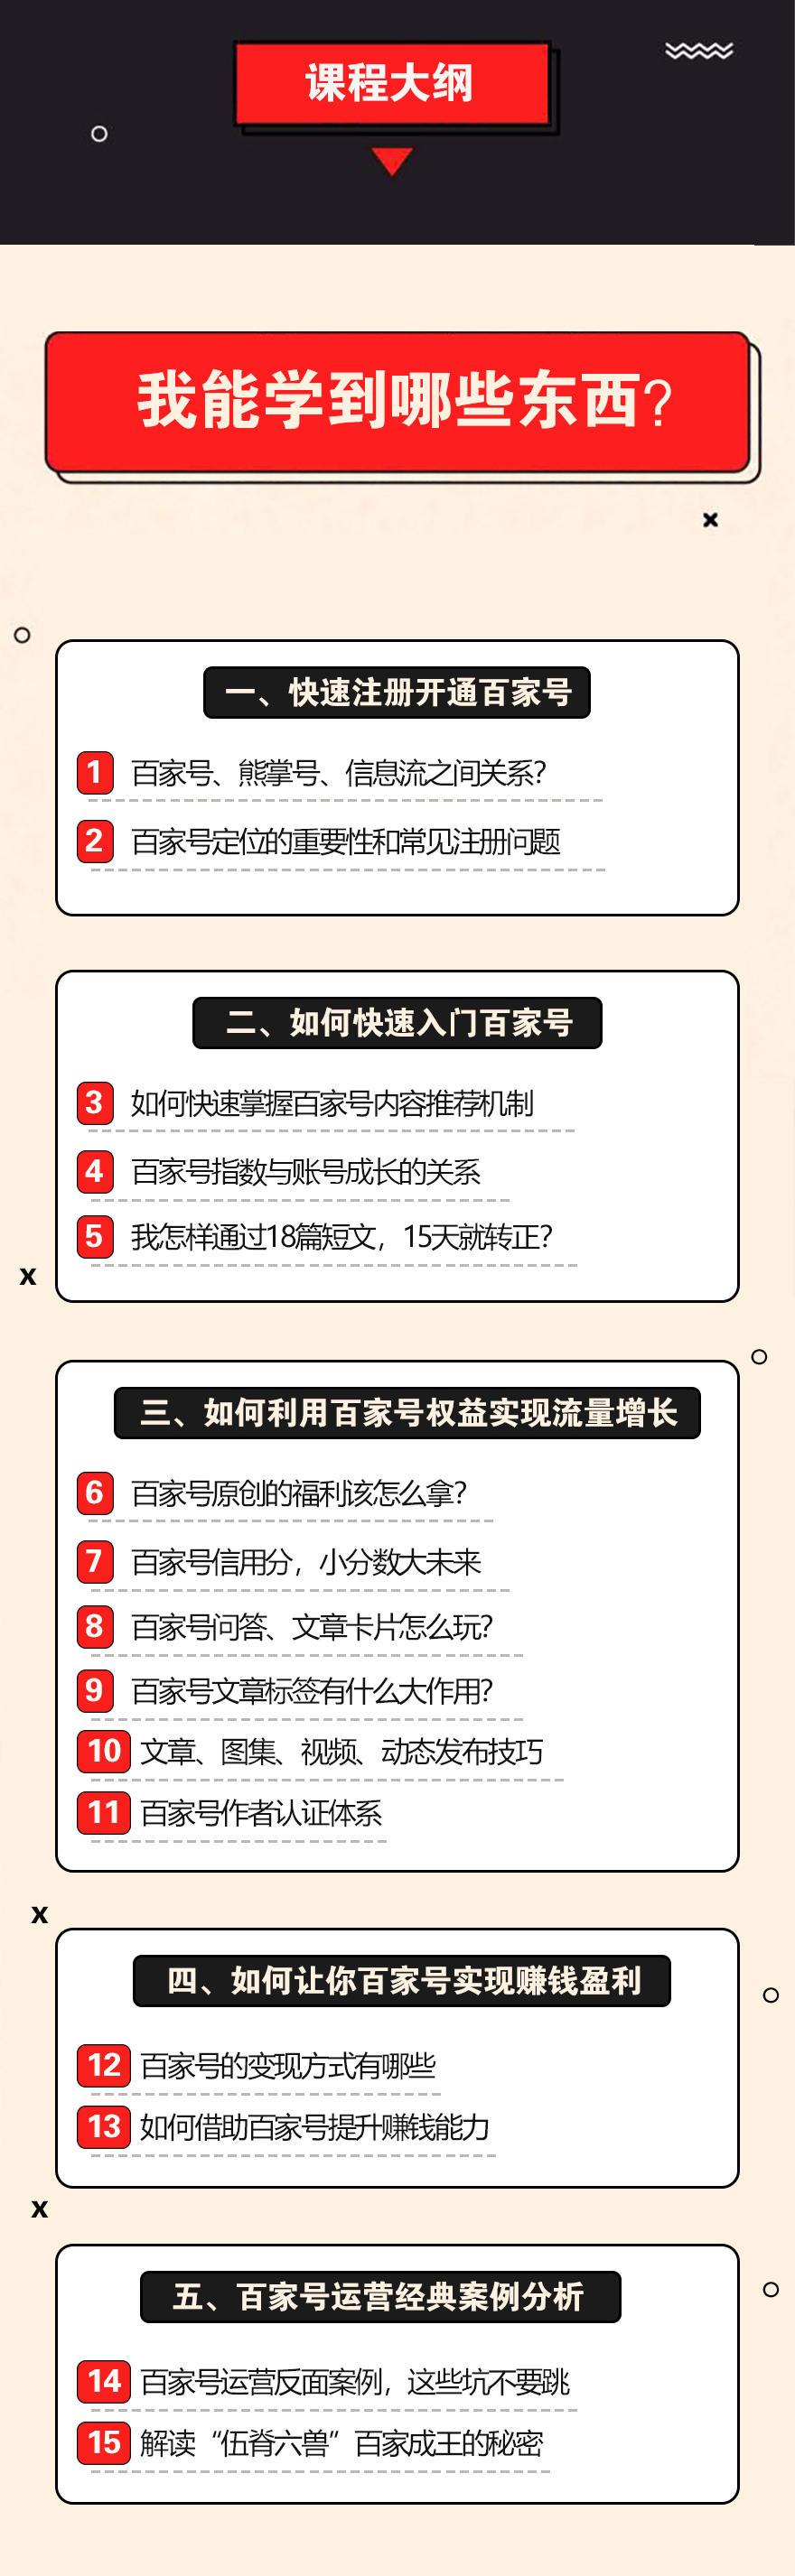 如何从0到1成为百家号运营高手,广西红客